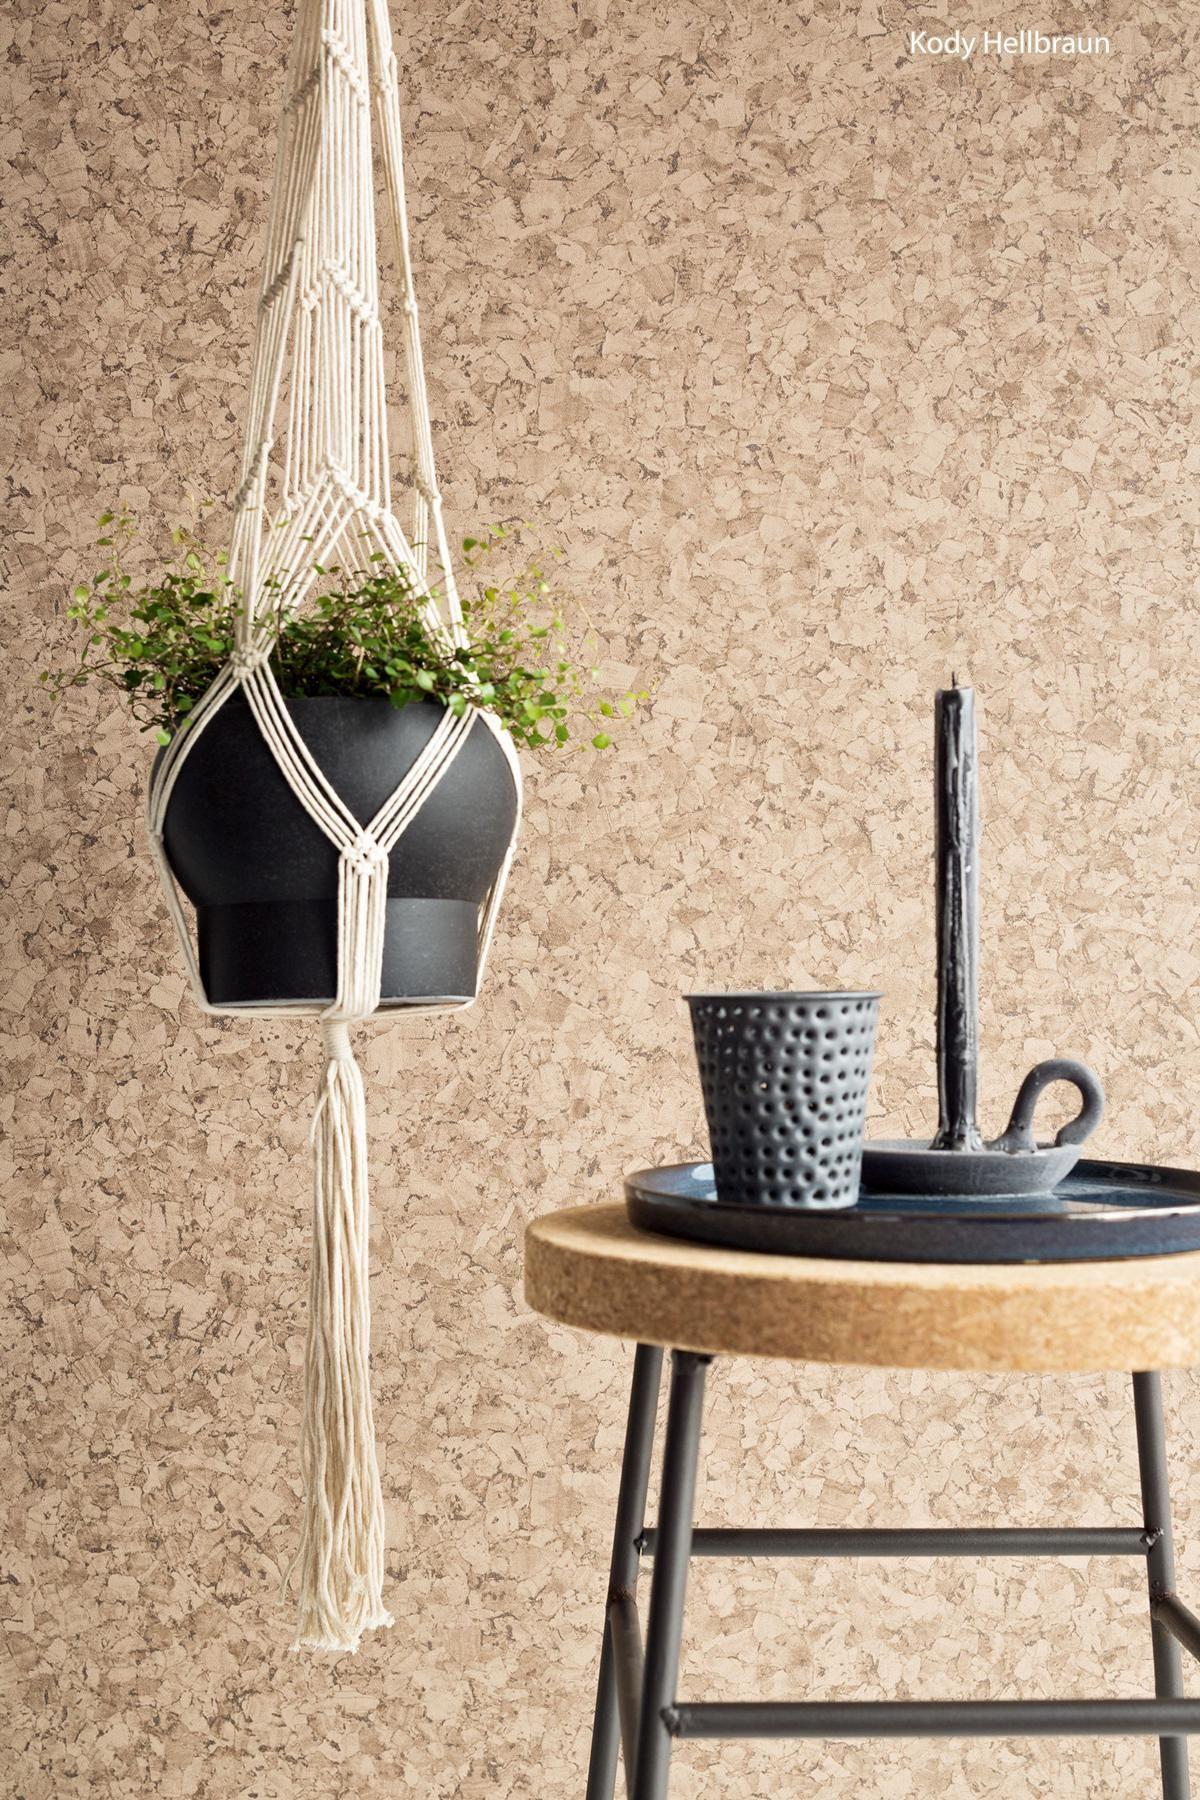 Suchen Sie eine hochwertige Holztapete in braun Kaufen Sie jetzt online Tapete Kody Hellbraun Stil Holz nur bei TAPETO mit erstklassigem Service